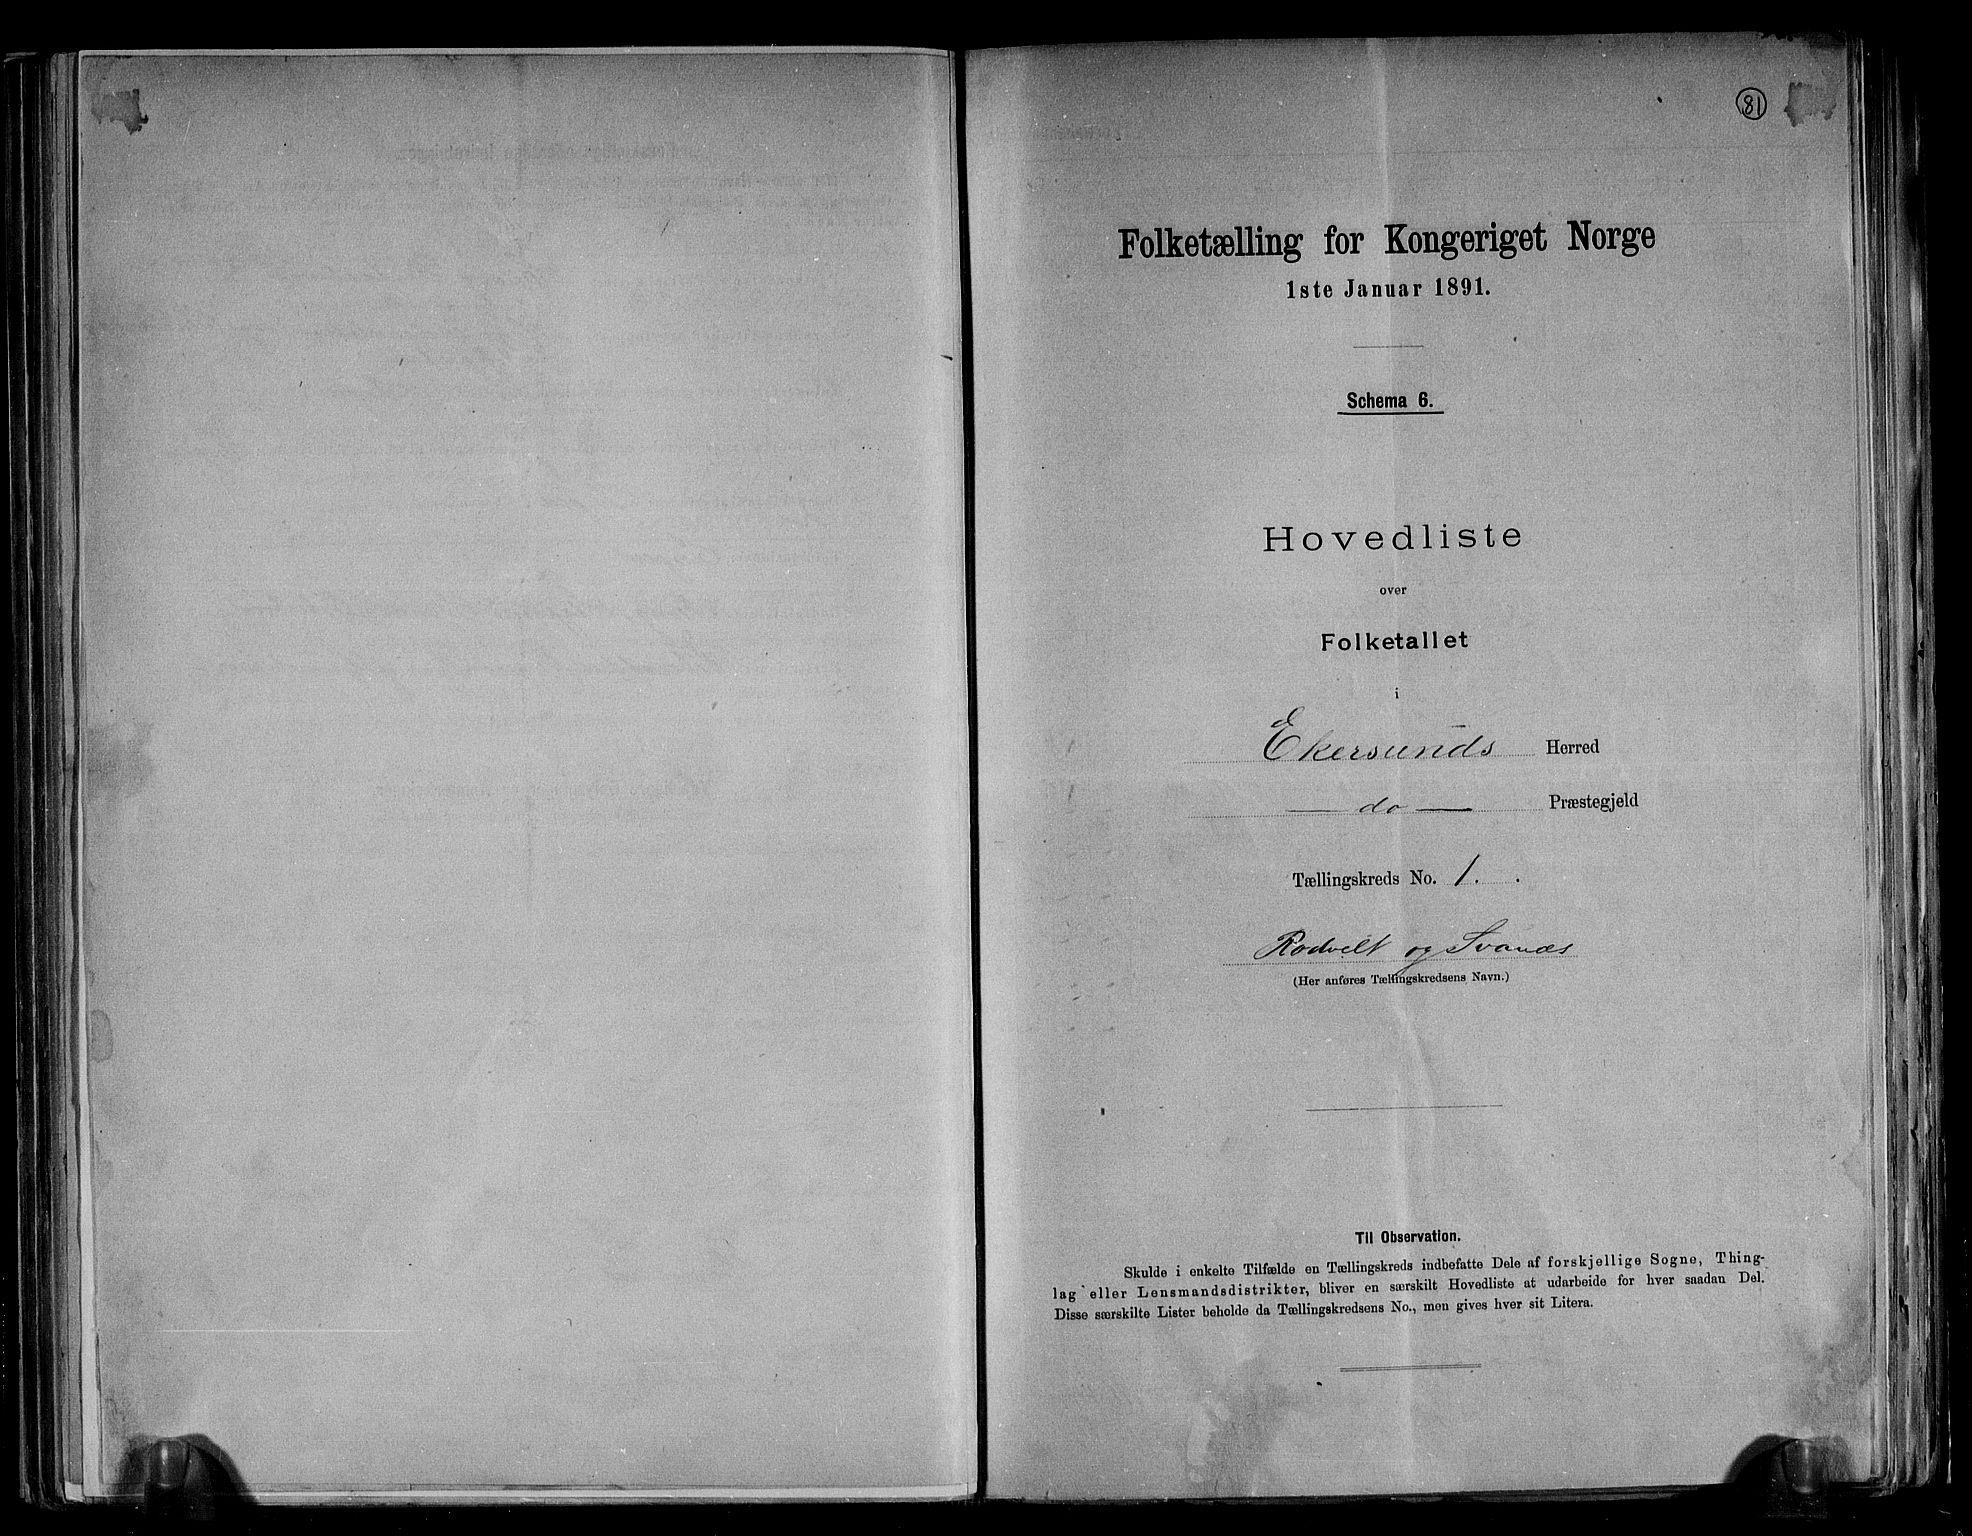 RA, Folketelling 1891 for 1116 Eigersund herred, 1891, s. 4